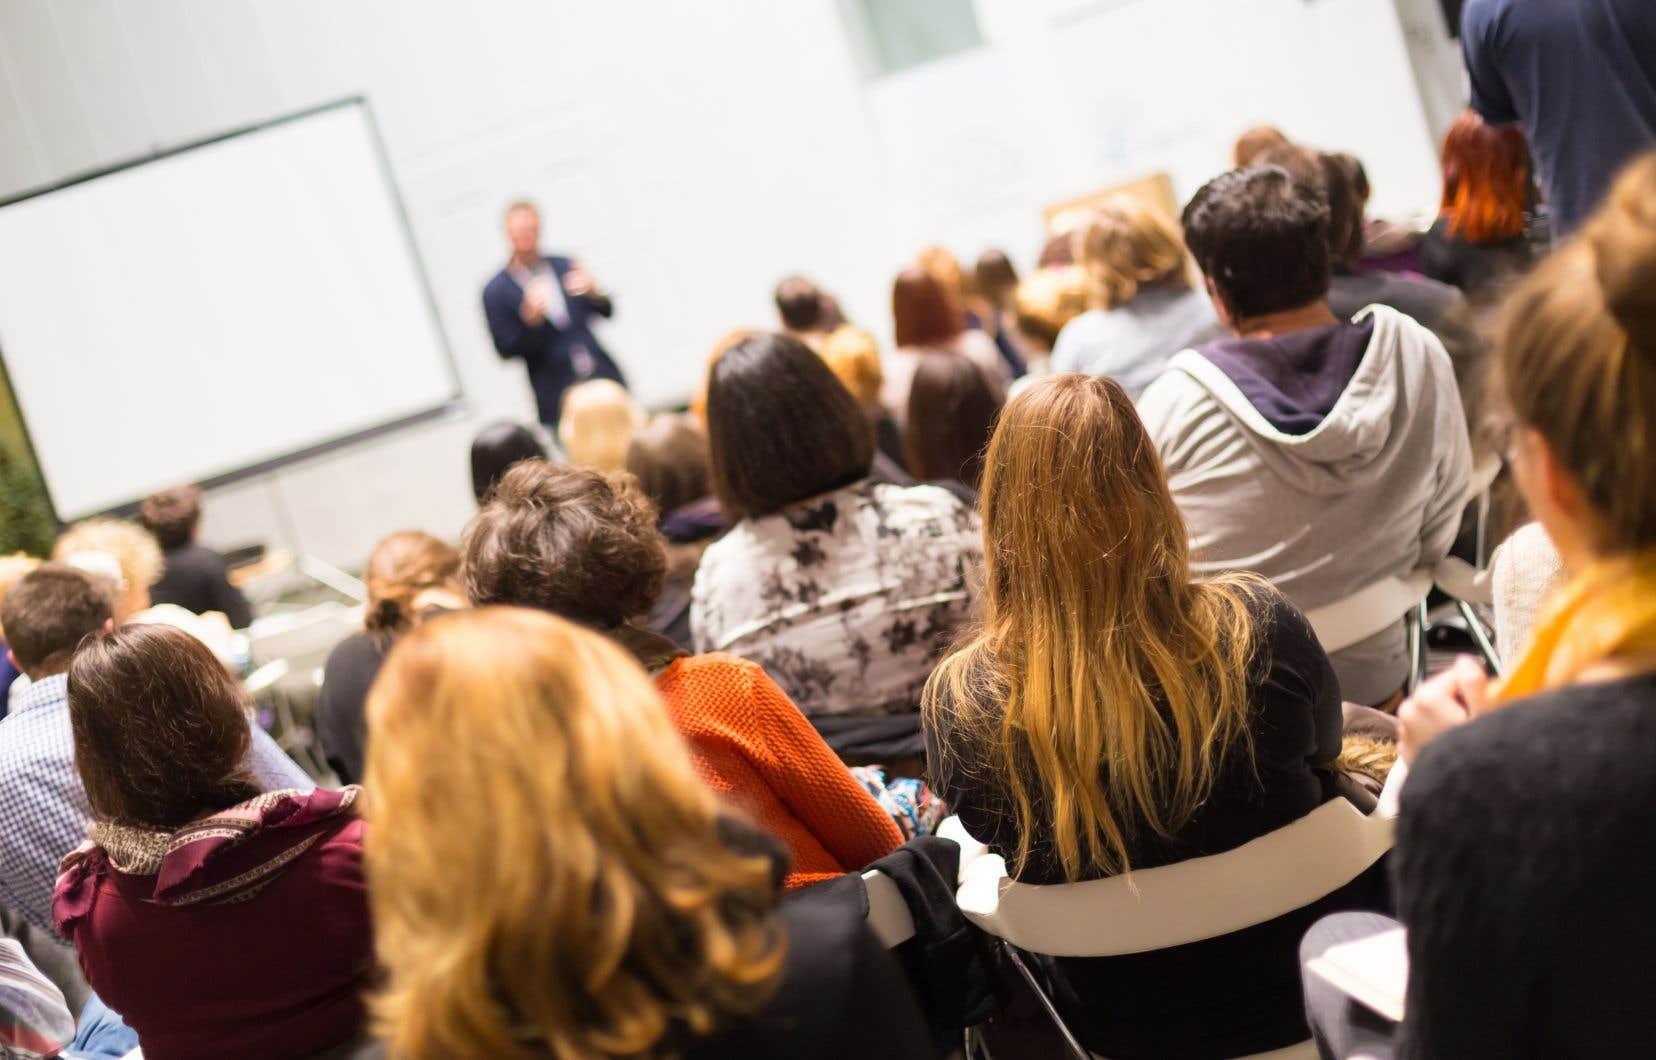 Les universités subissent depuis trois décennies des transformations susceptibles d'encourager très fortement le «mobbing» de professeurs par d'autres professeurs, déplore l'auteure.